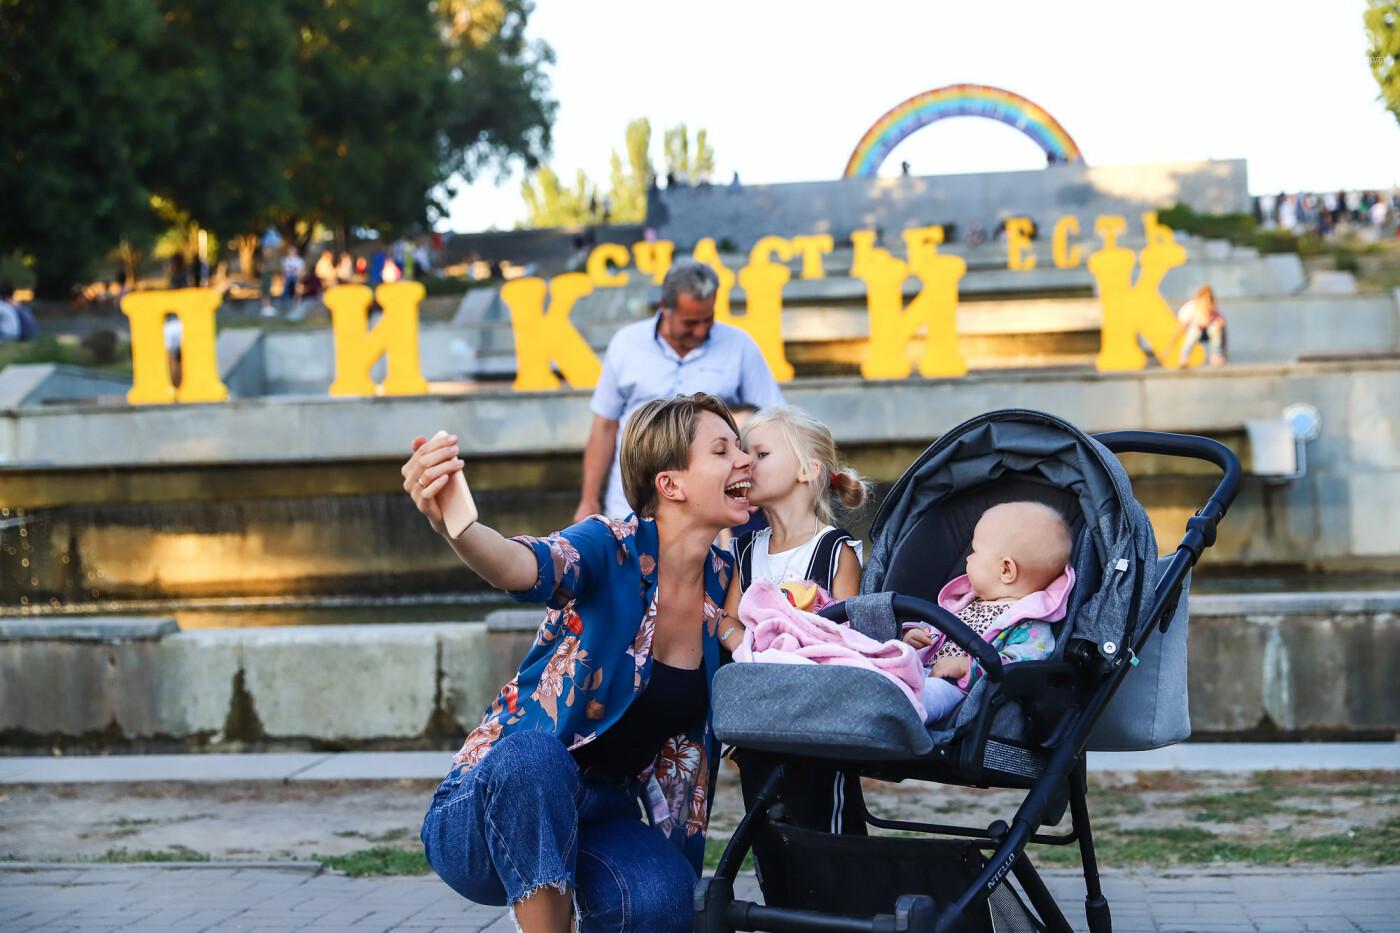 ЛГБТ-прайд, эко-митинг и восстановленные скульптуры в сквере Пионеров: сентябрь в фотографиях , фото-32